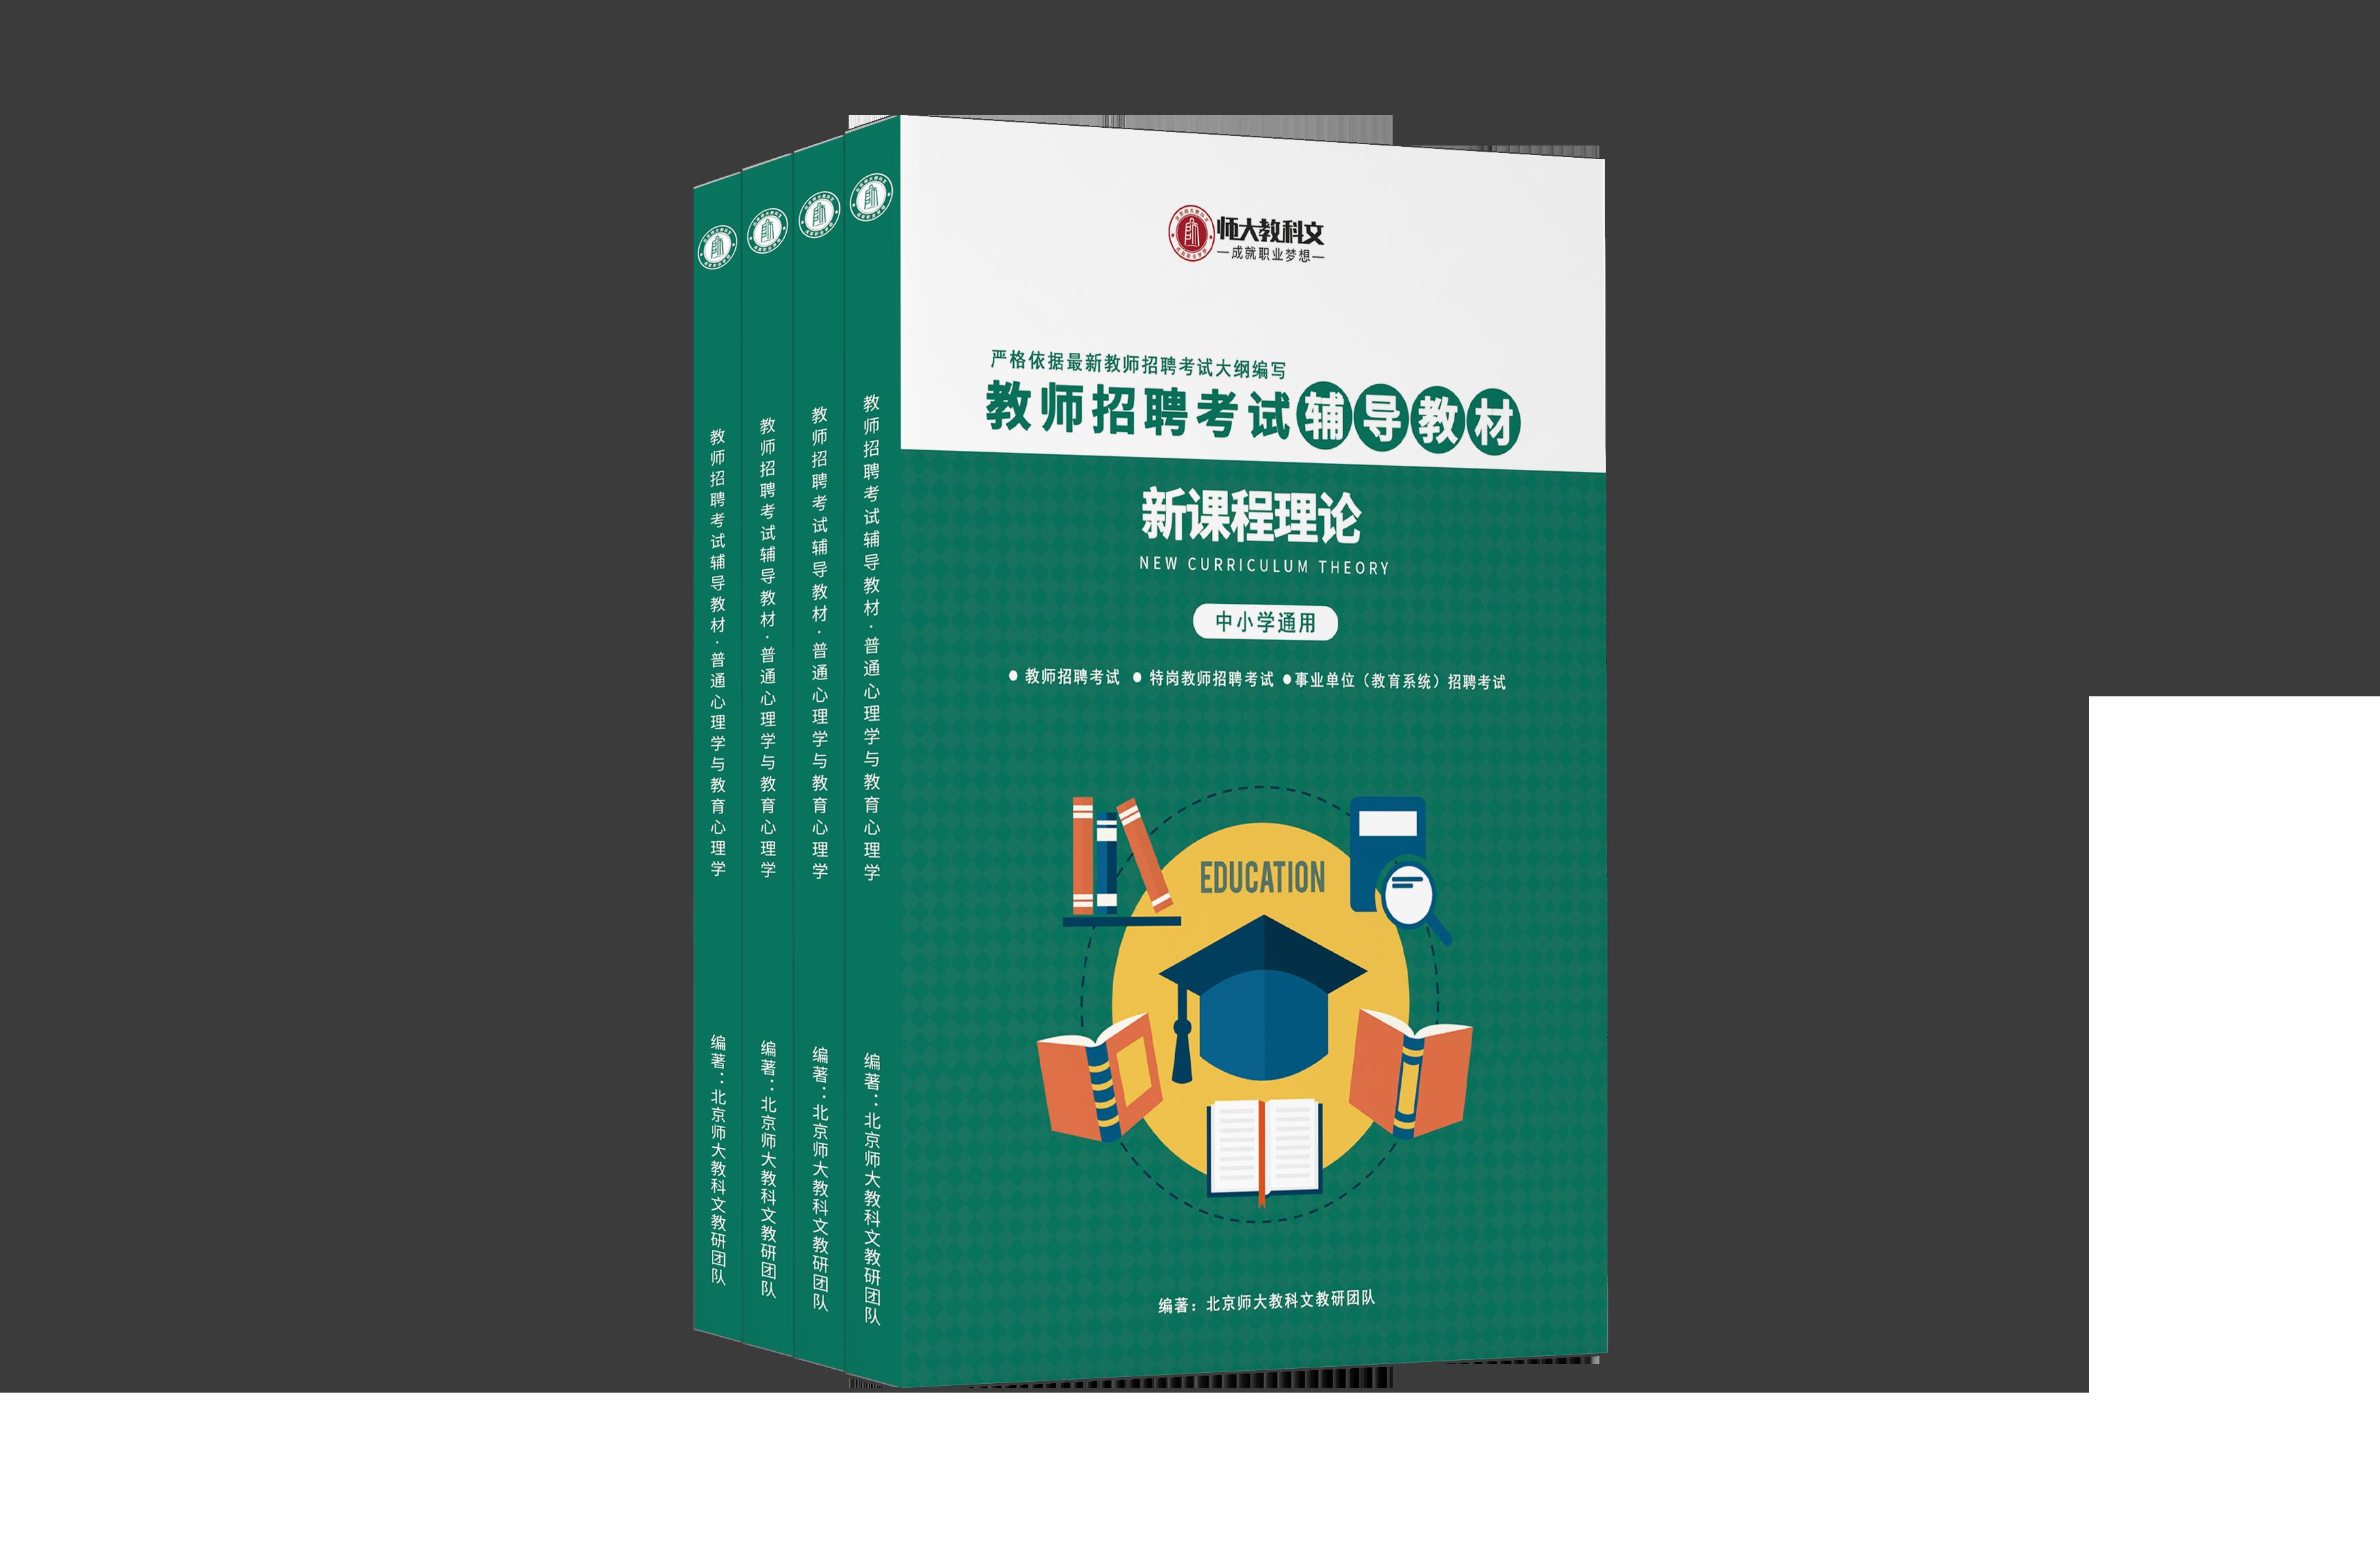 考编—新课程理论